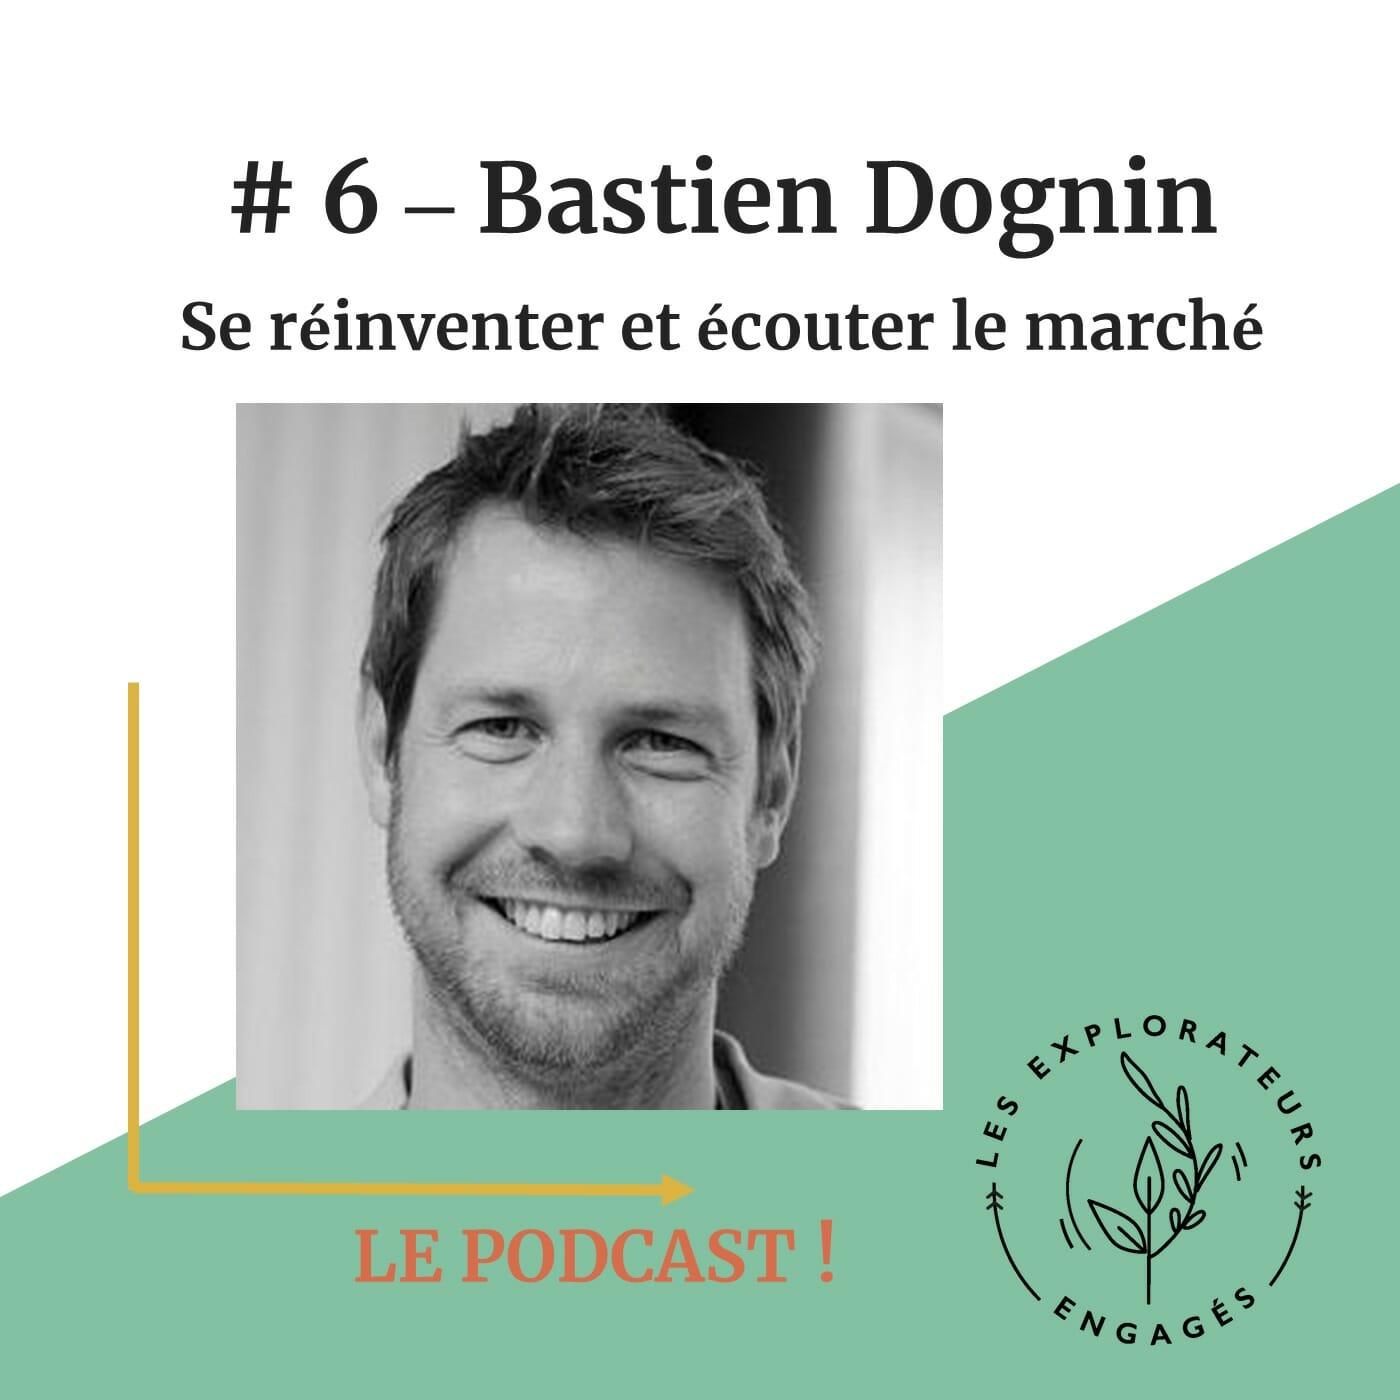 #6 Bastien Dognin – Se réinventer et écouter le marché